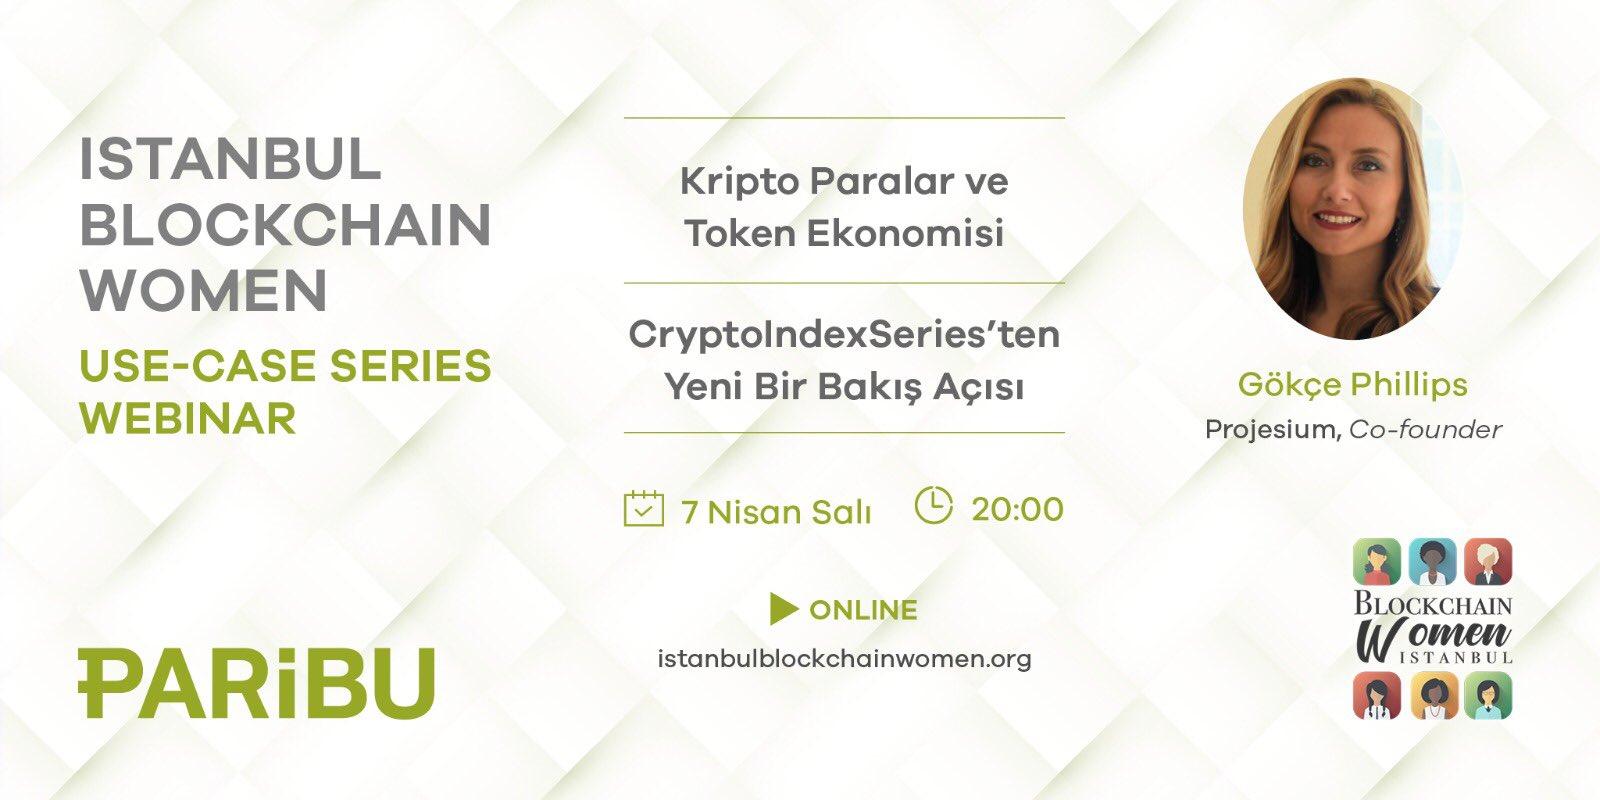 Istanbul Blockchain Women Use Case Webinar Serisinin Son Bölümü 7 Nisanda